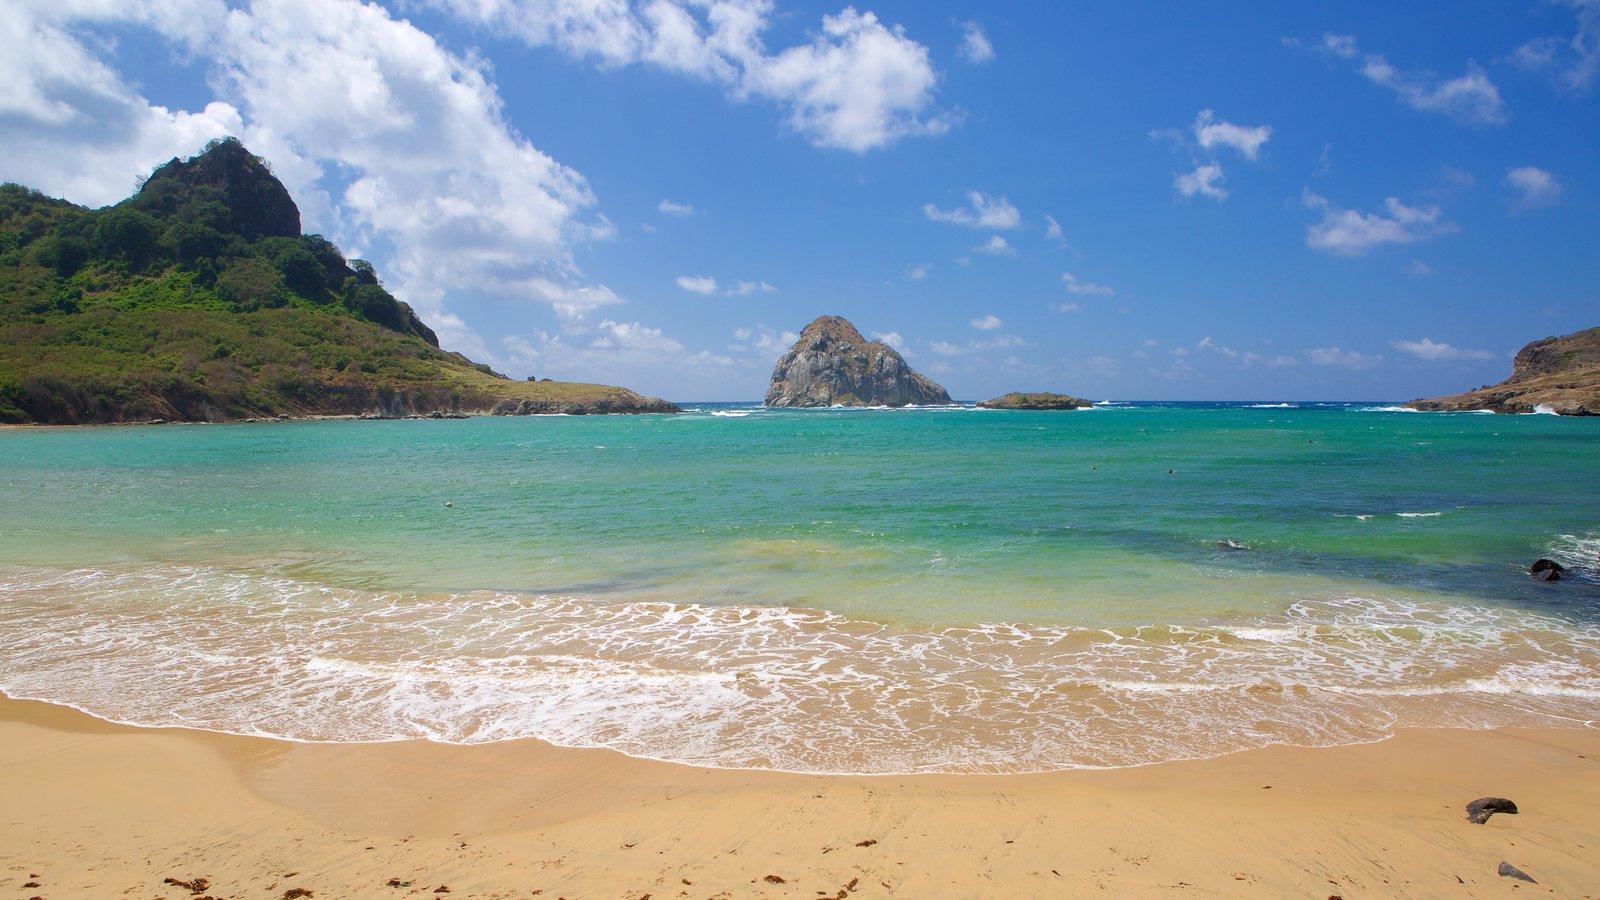 Praia do Sueste que inclui paisagens da ilha, montanhas e uma praia